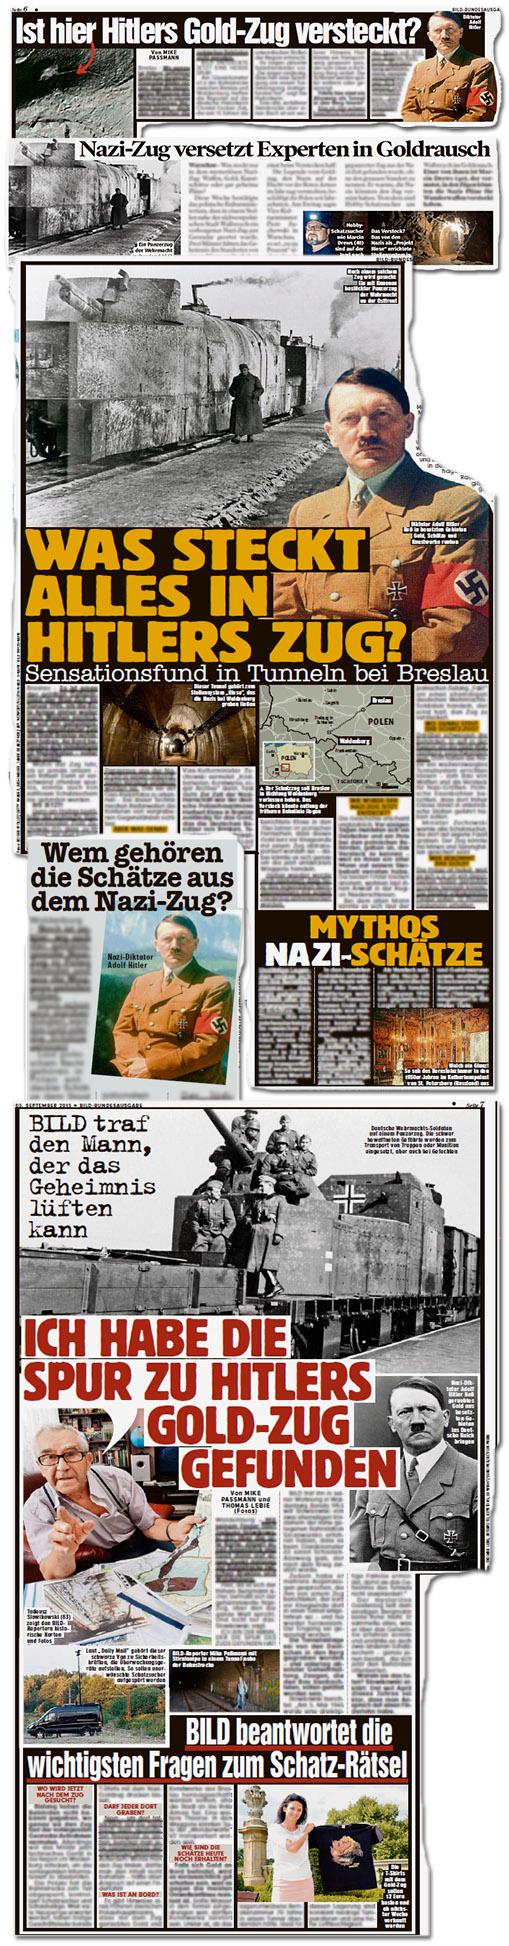 Ist hier Hitlers Gold-Zug-versteckt? - Nazi-Zug versetzt Experten in Goldrausch - Was steckt alles in Hitlers Zug? - Wem gehören die Schätze aus dem Nazi-Zug? - Mythos Nazi-Schätze - Ich habe die Spur zu Hitlers Gold-Zug gefunden - BILD beantwortet die wichtigsten Fragen zum Schatz-Rätsel